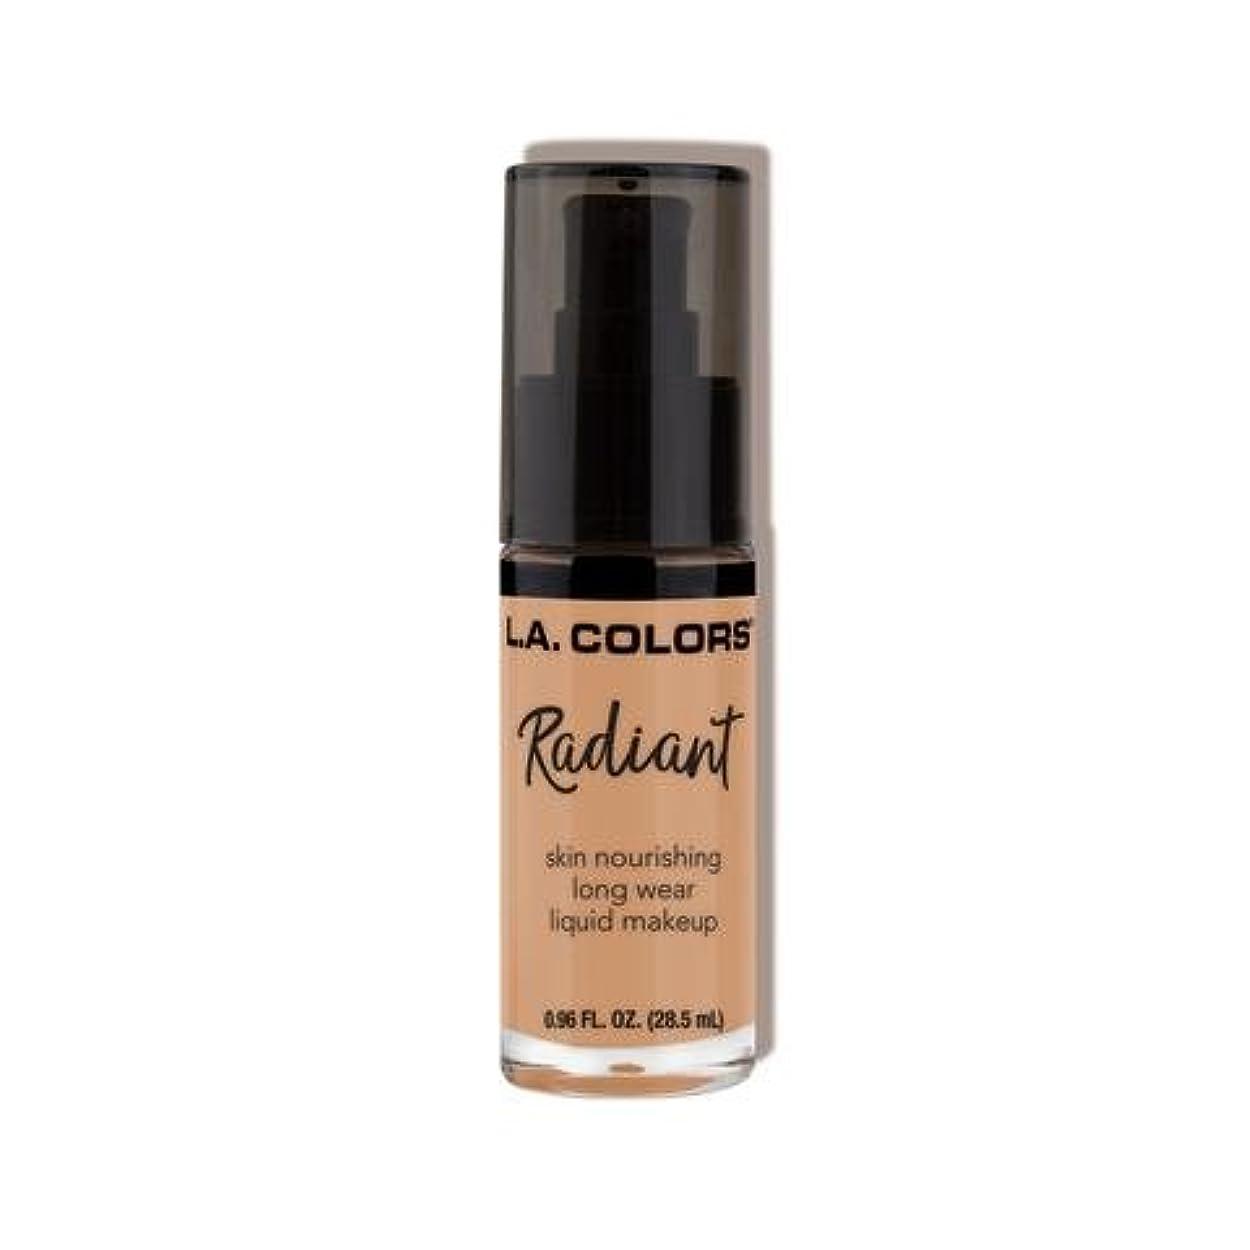 発揮する建物歌手(3 Pack) L.A. COLORS Radiant Liquid Makeup - Light Tan (並行輸入品)